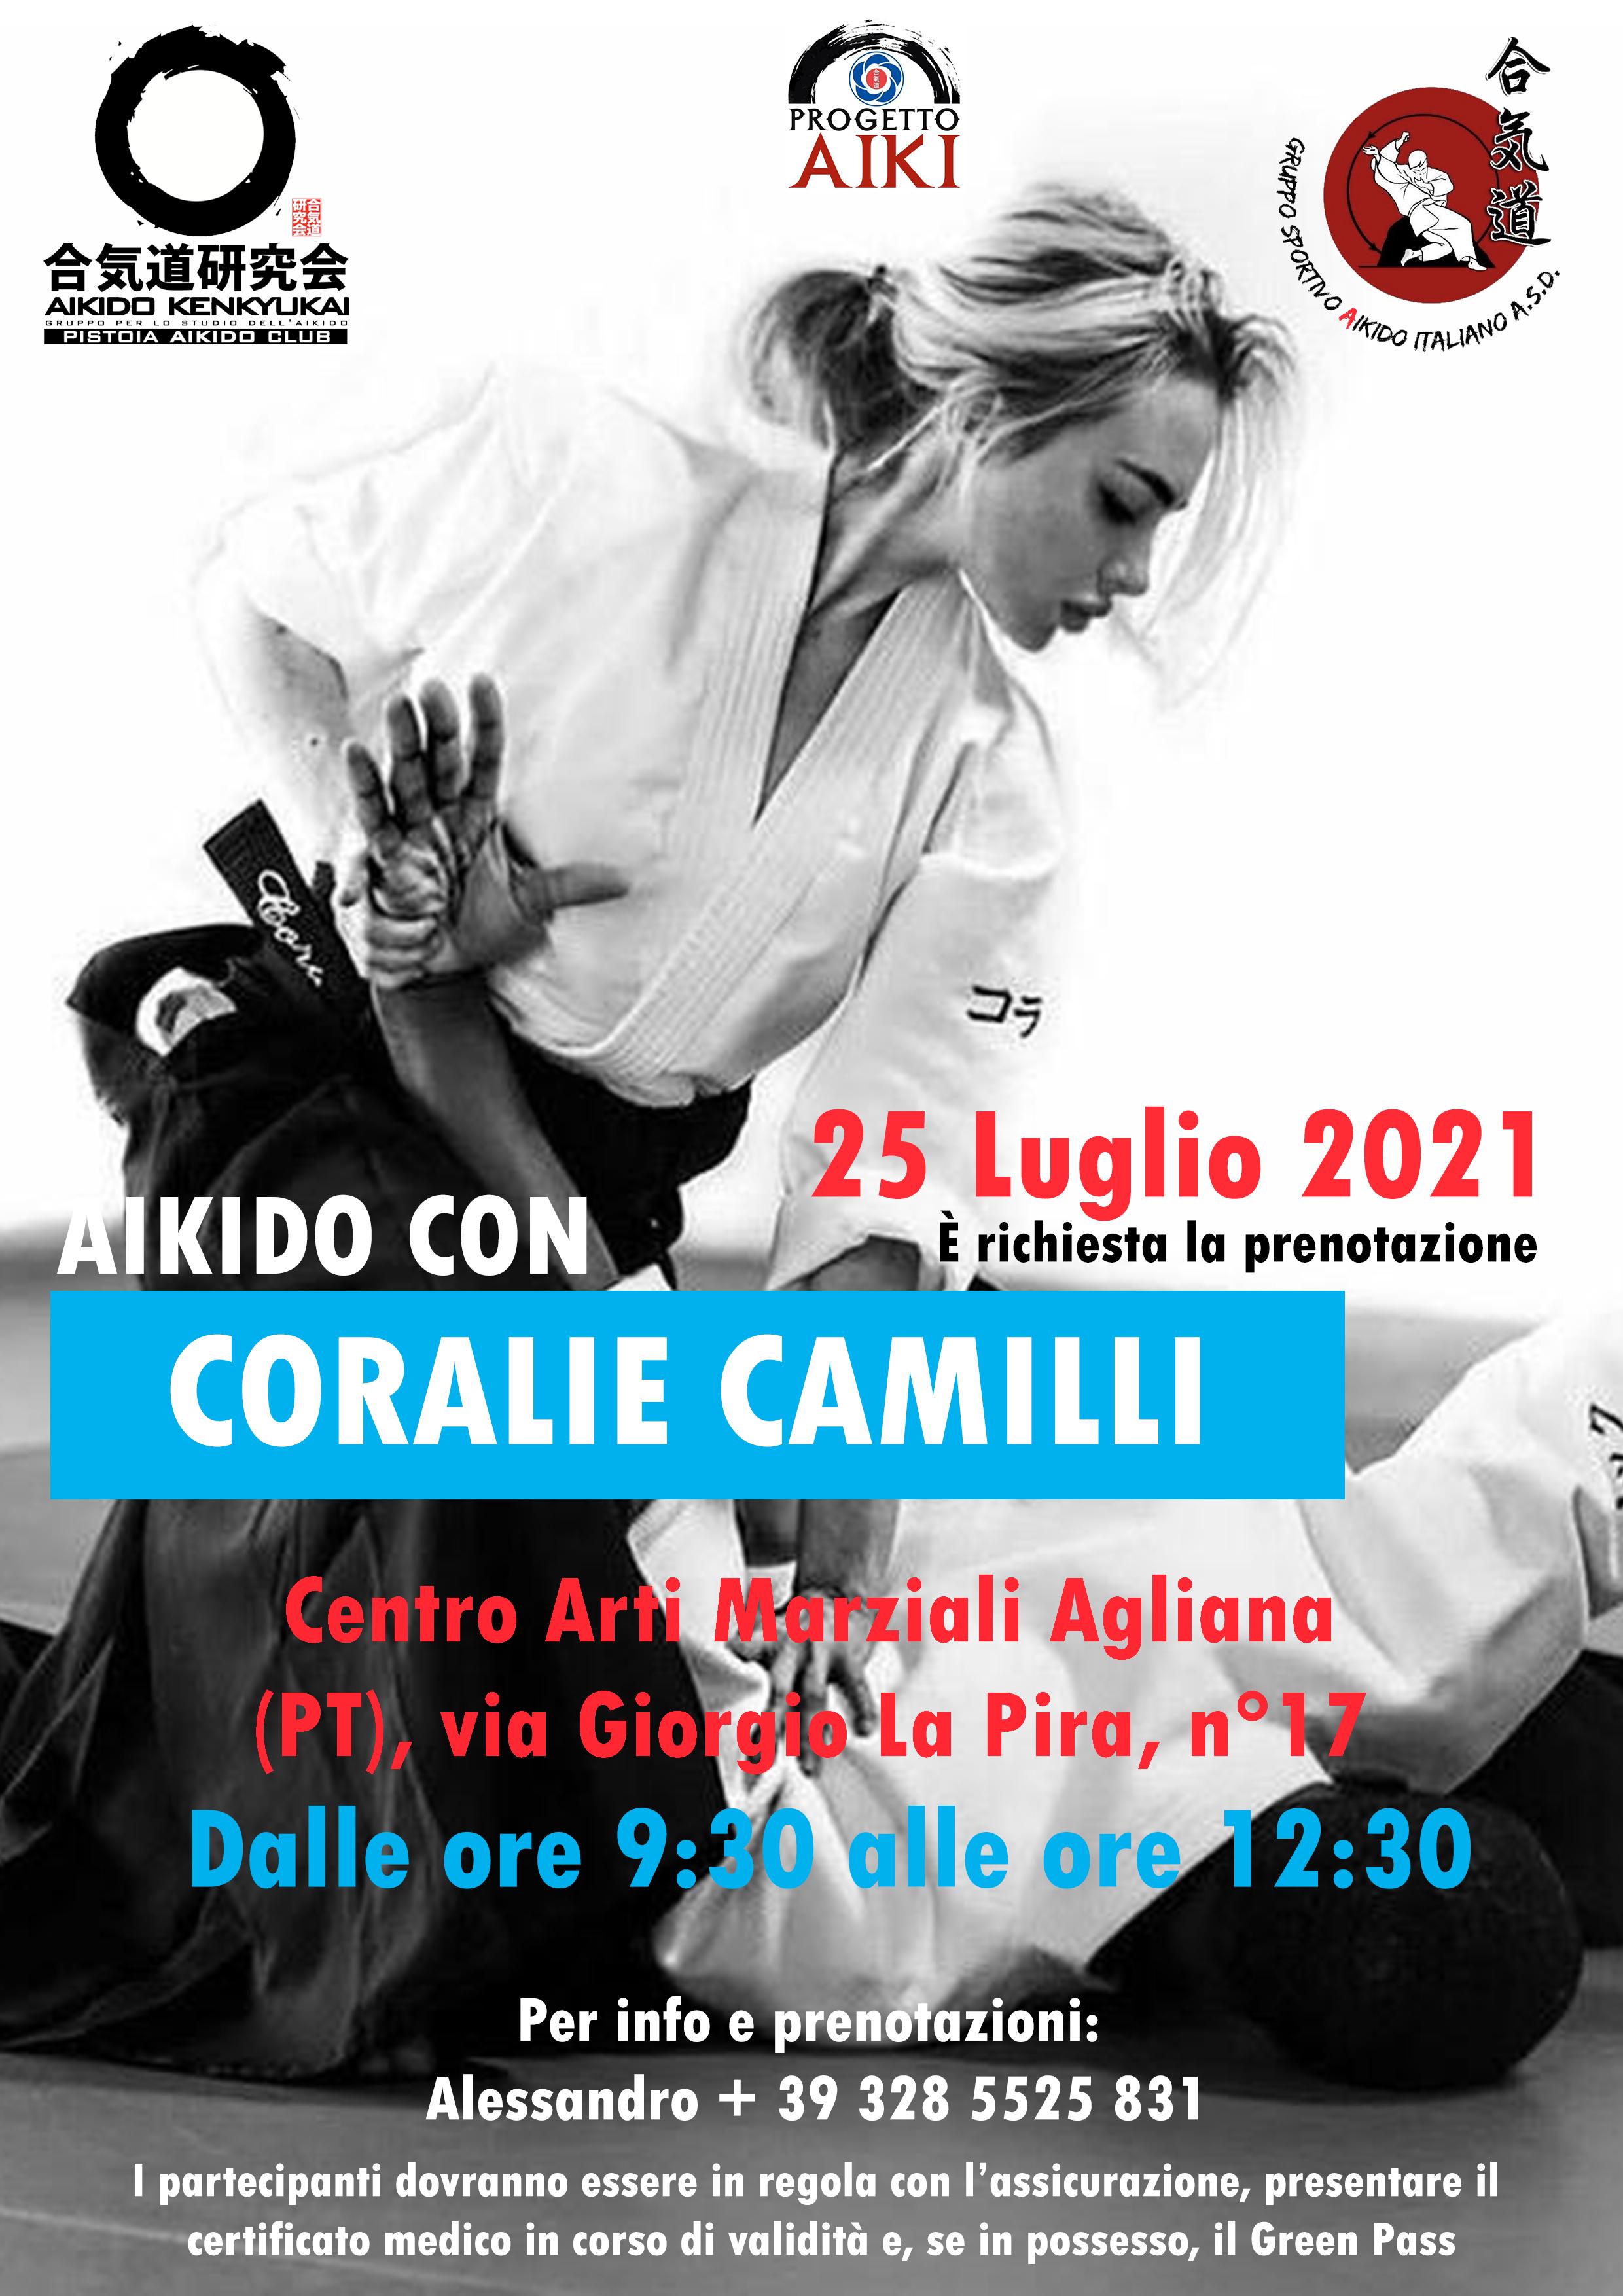 Aikido Allenamento, Maestra Coralie Camilli , Agliana Pistoia, Gruppo Sportivo Aikido Italiano ASD, Pistoia Aikido Club